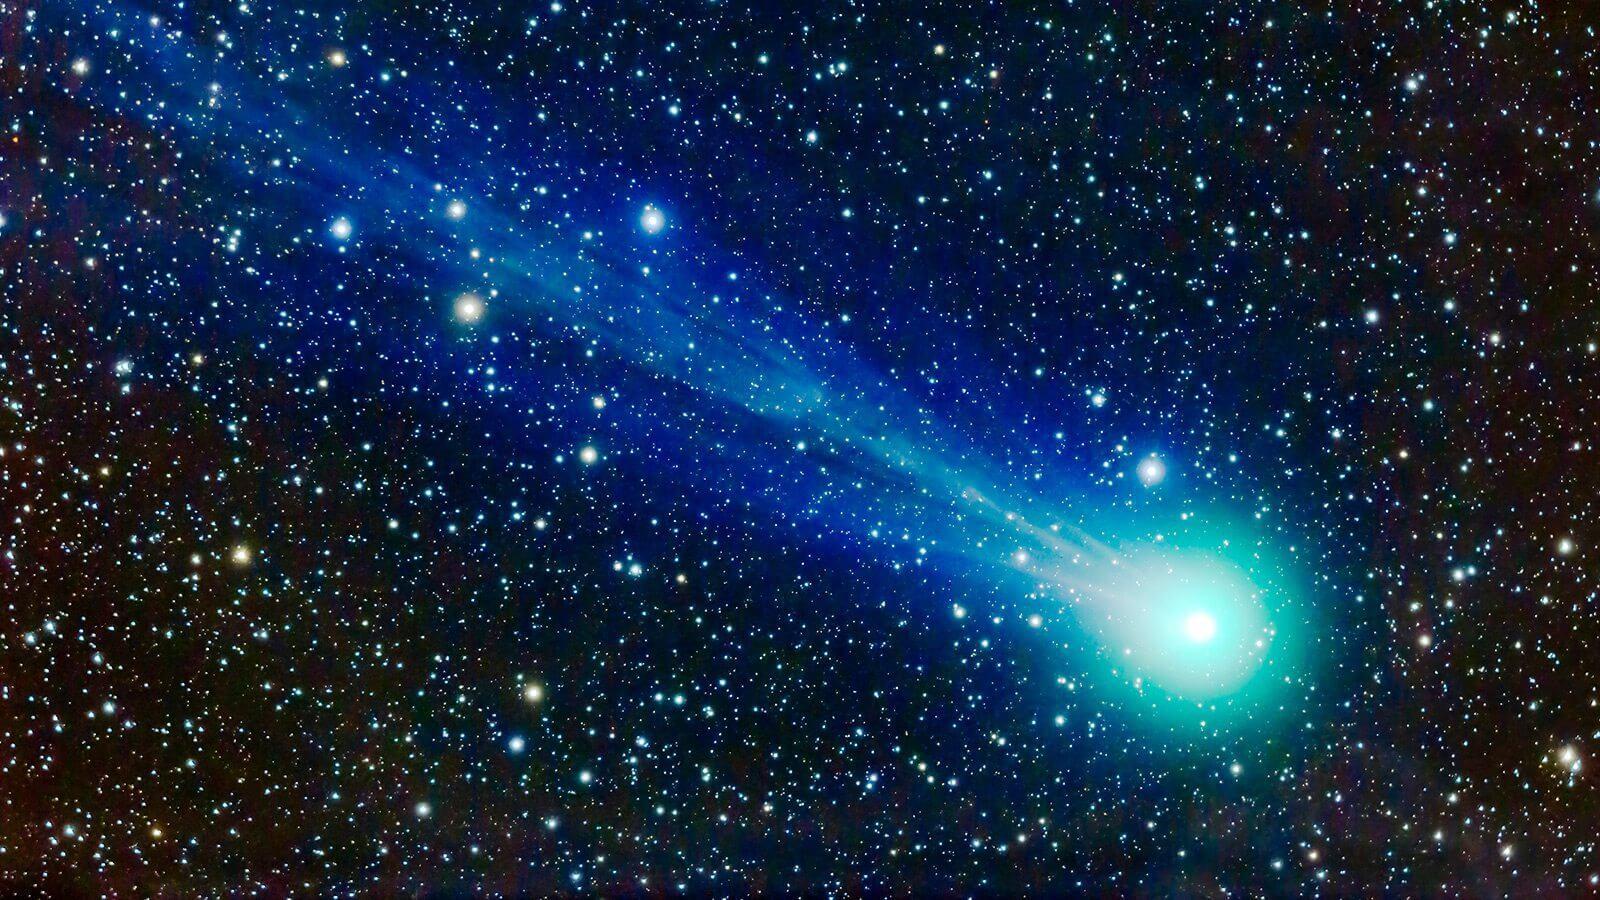 Sonda Rosetta encontra elementos orgânicos em cometa do Sistema Solar